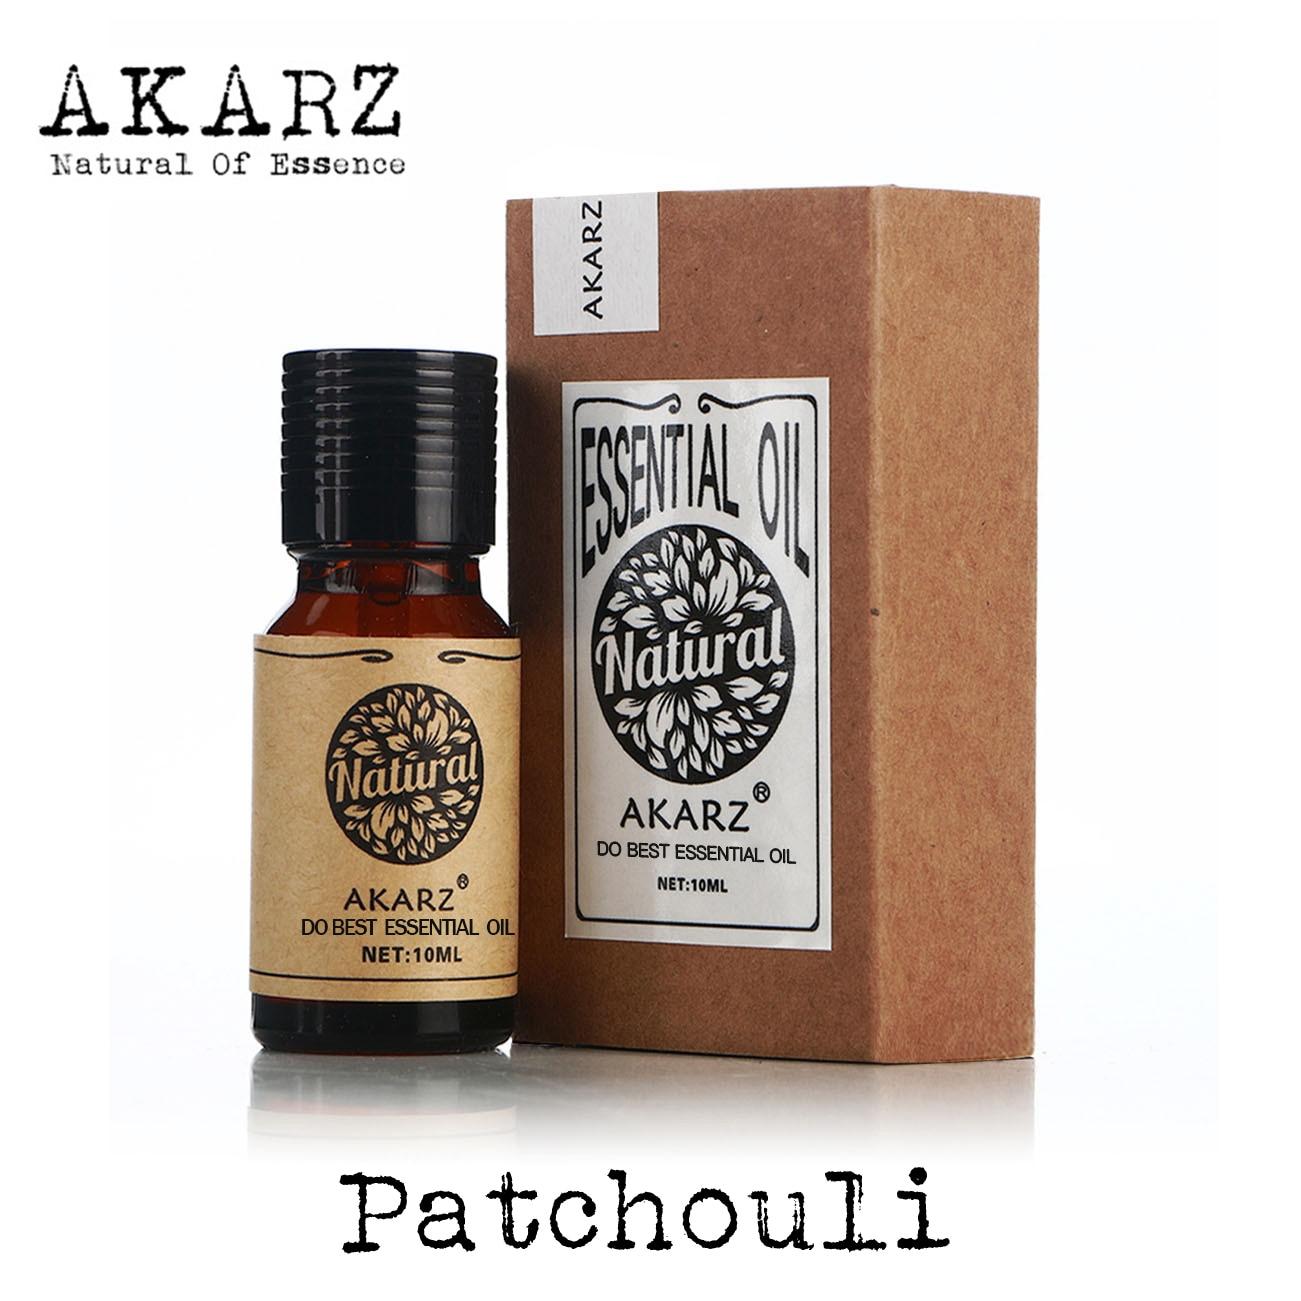 AKARZ известный бренд, эфирное масло пачули, натуральное, устраняет акне, снимает экзому, успокаивает удаление комаров, масло Пачули